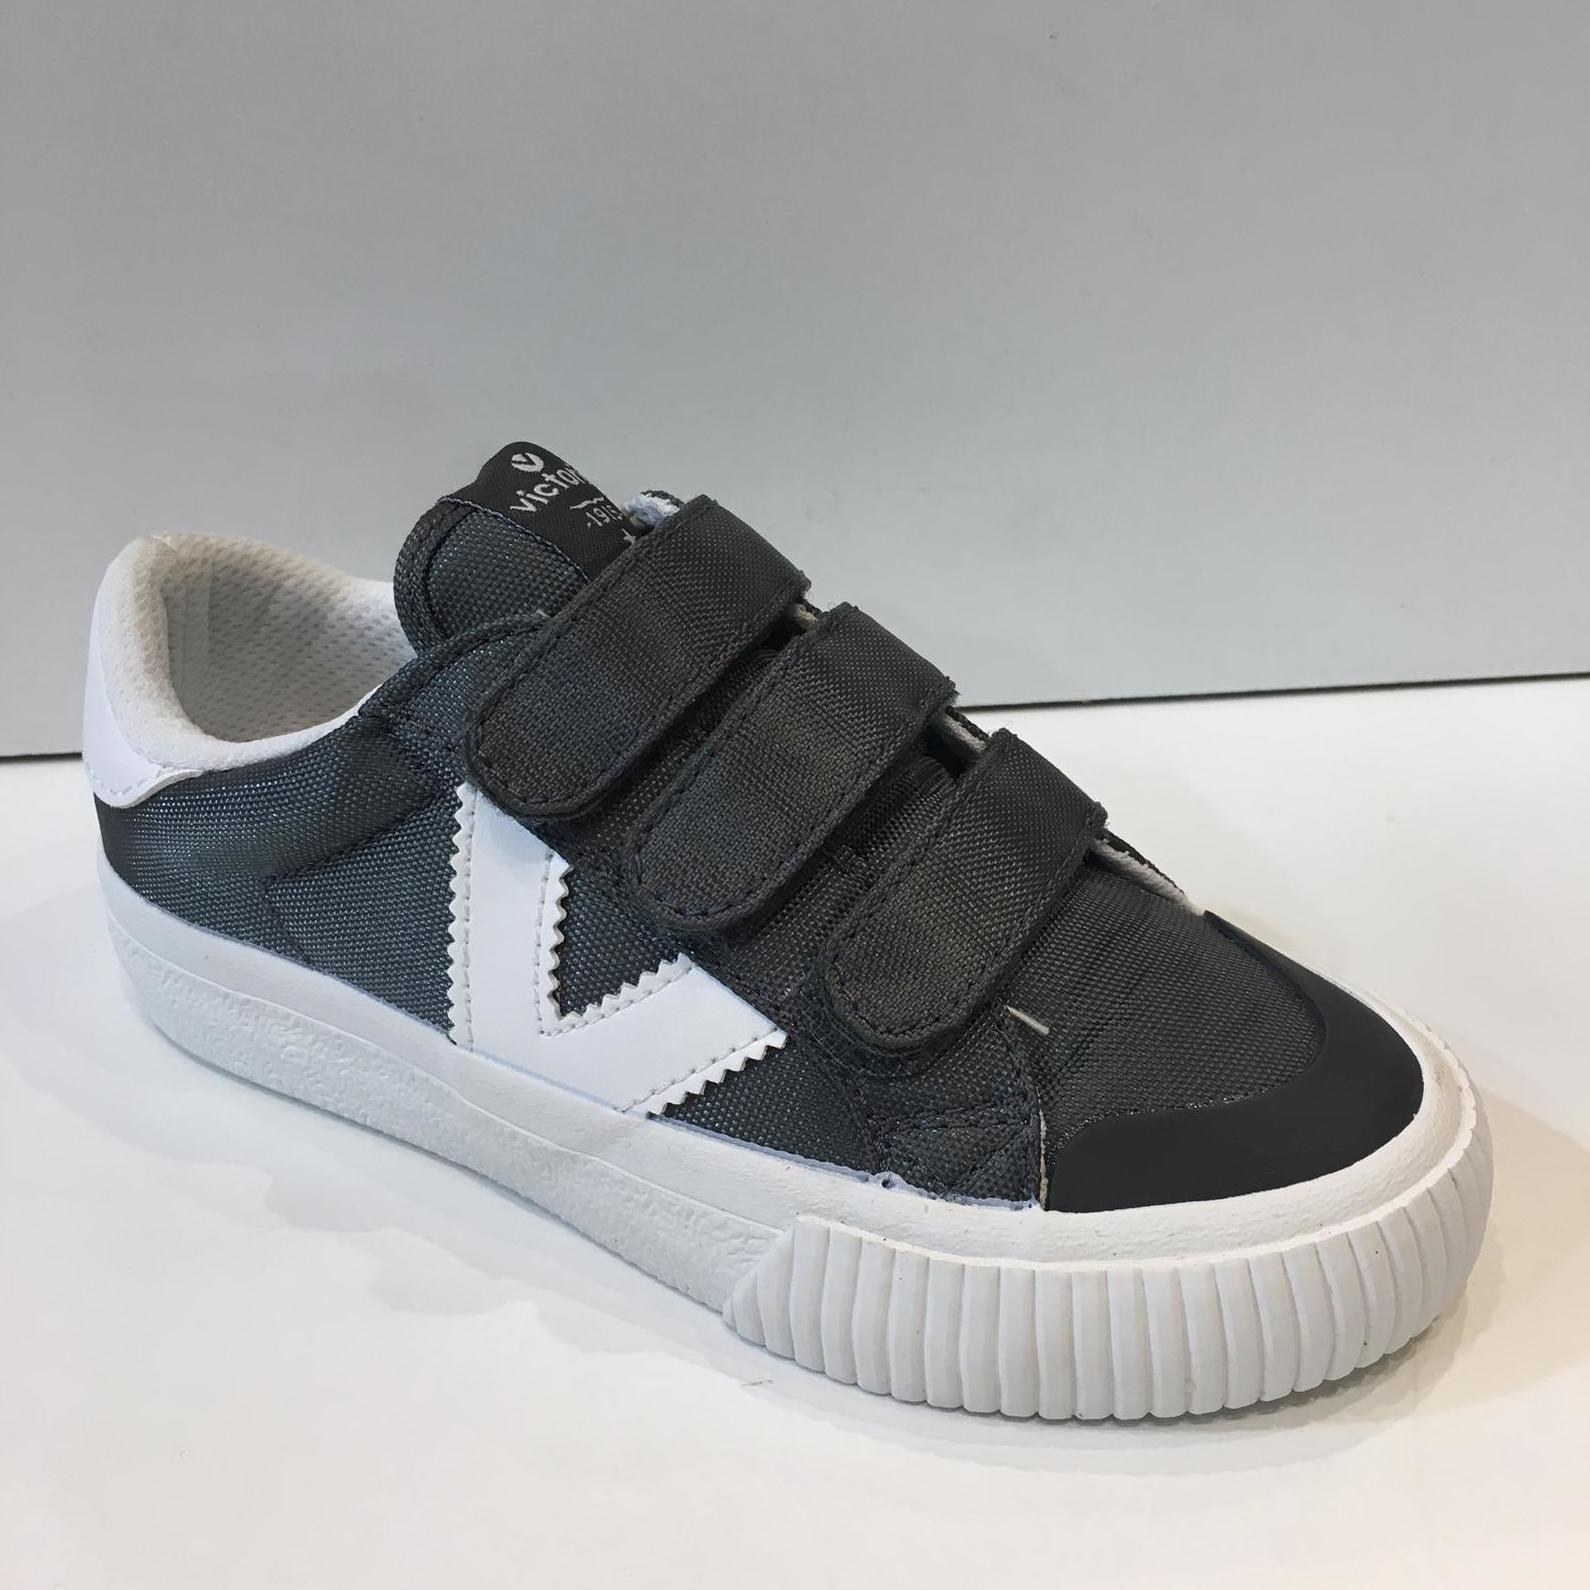 sabata esportiva de nen, de la marca Victoria, amb tres velcros i 2,5 centímetres de sola 29.90€